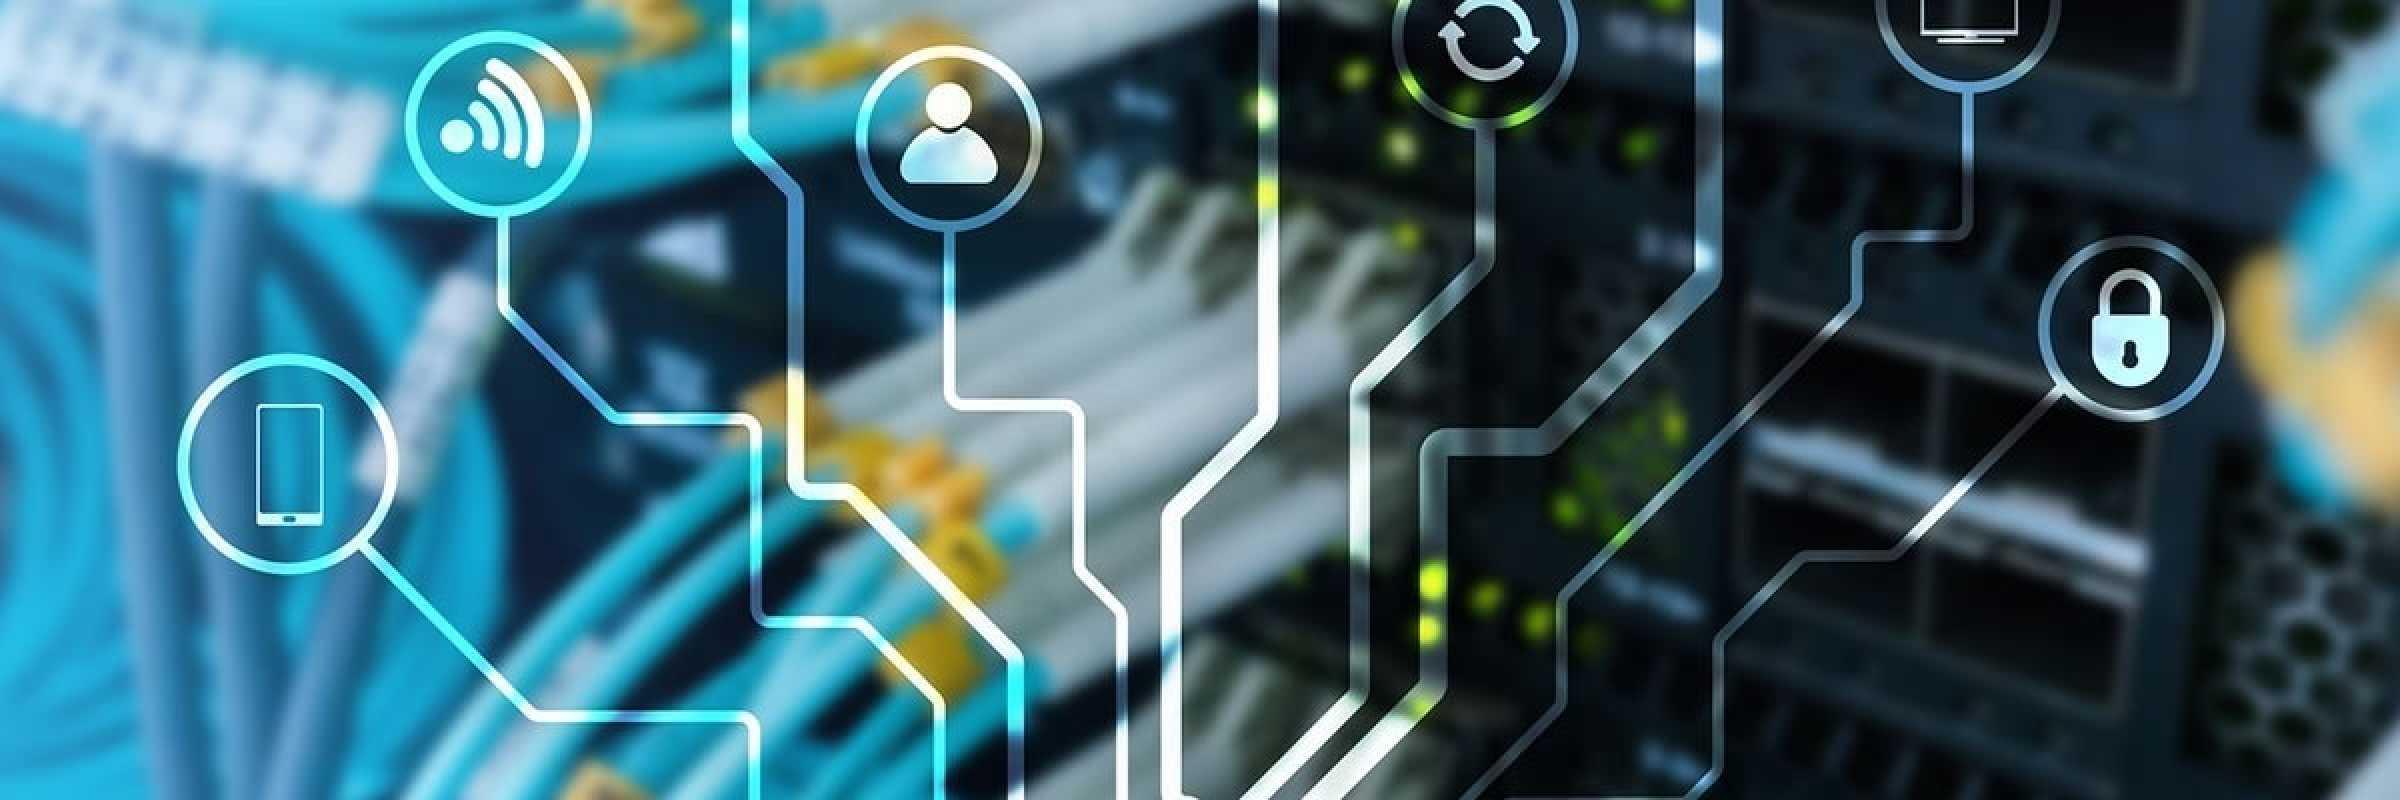 Inmarsat in big-data and IoT tie ins